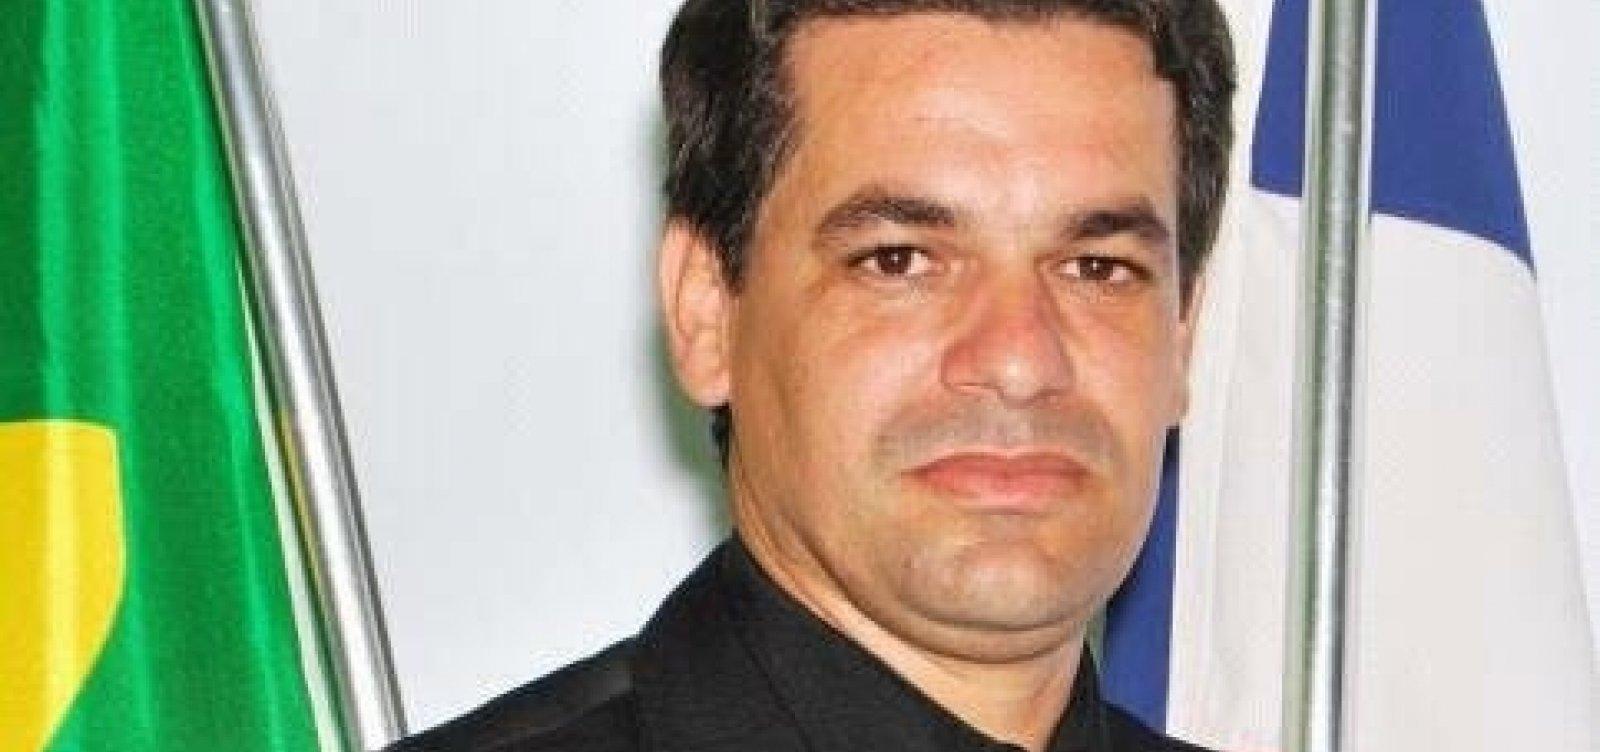 [Ex-prefeito de Presidente Tancredo Neves é denunciado pelo TCM e terá que devolver mais de R$ 3 mi]